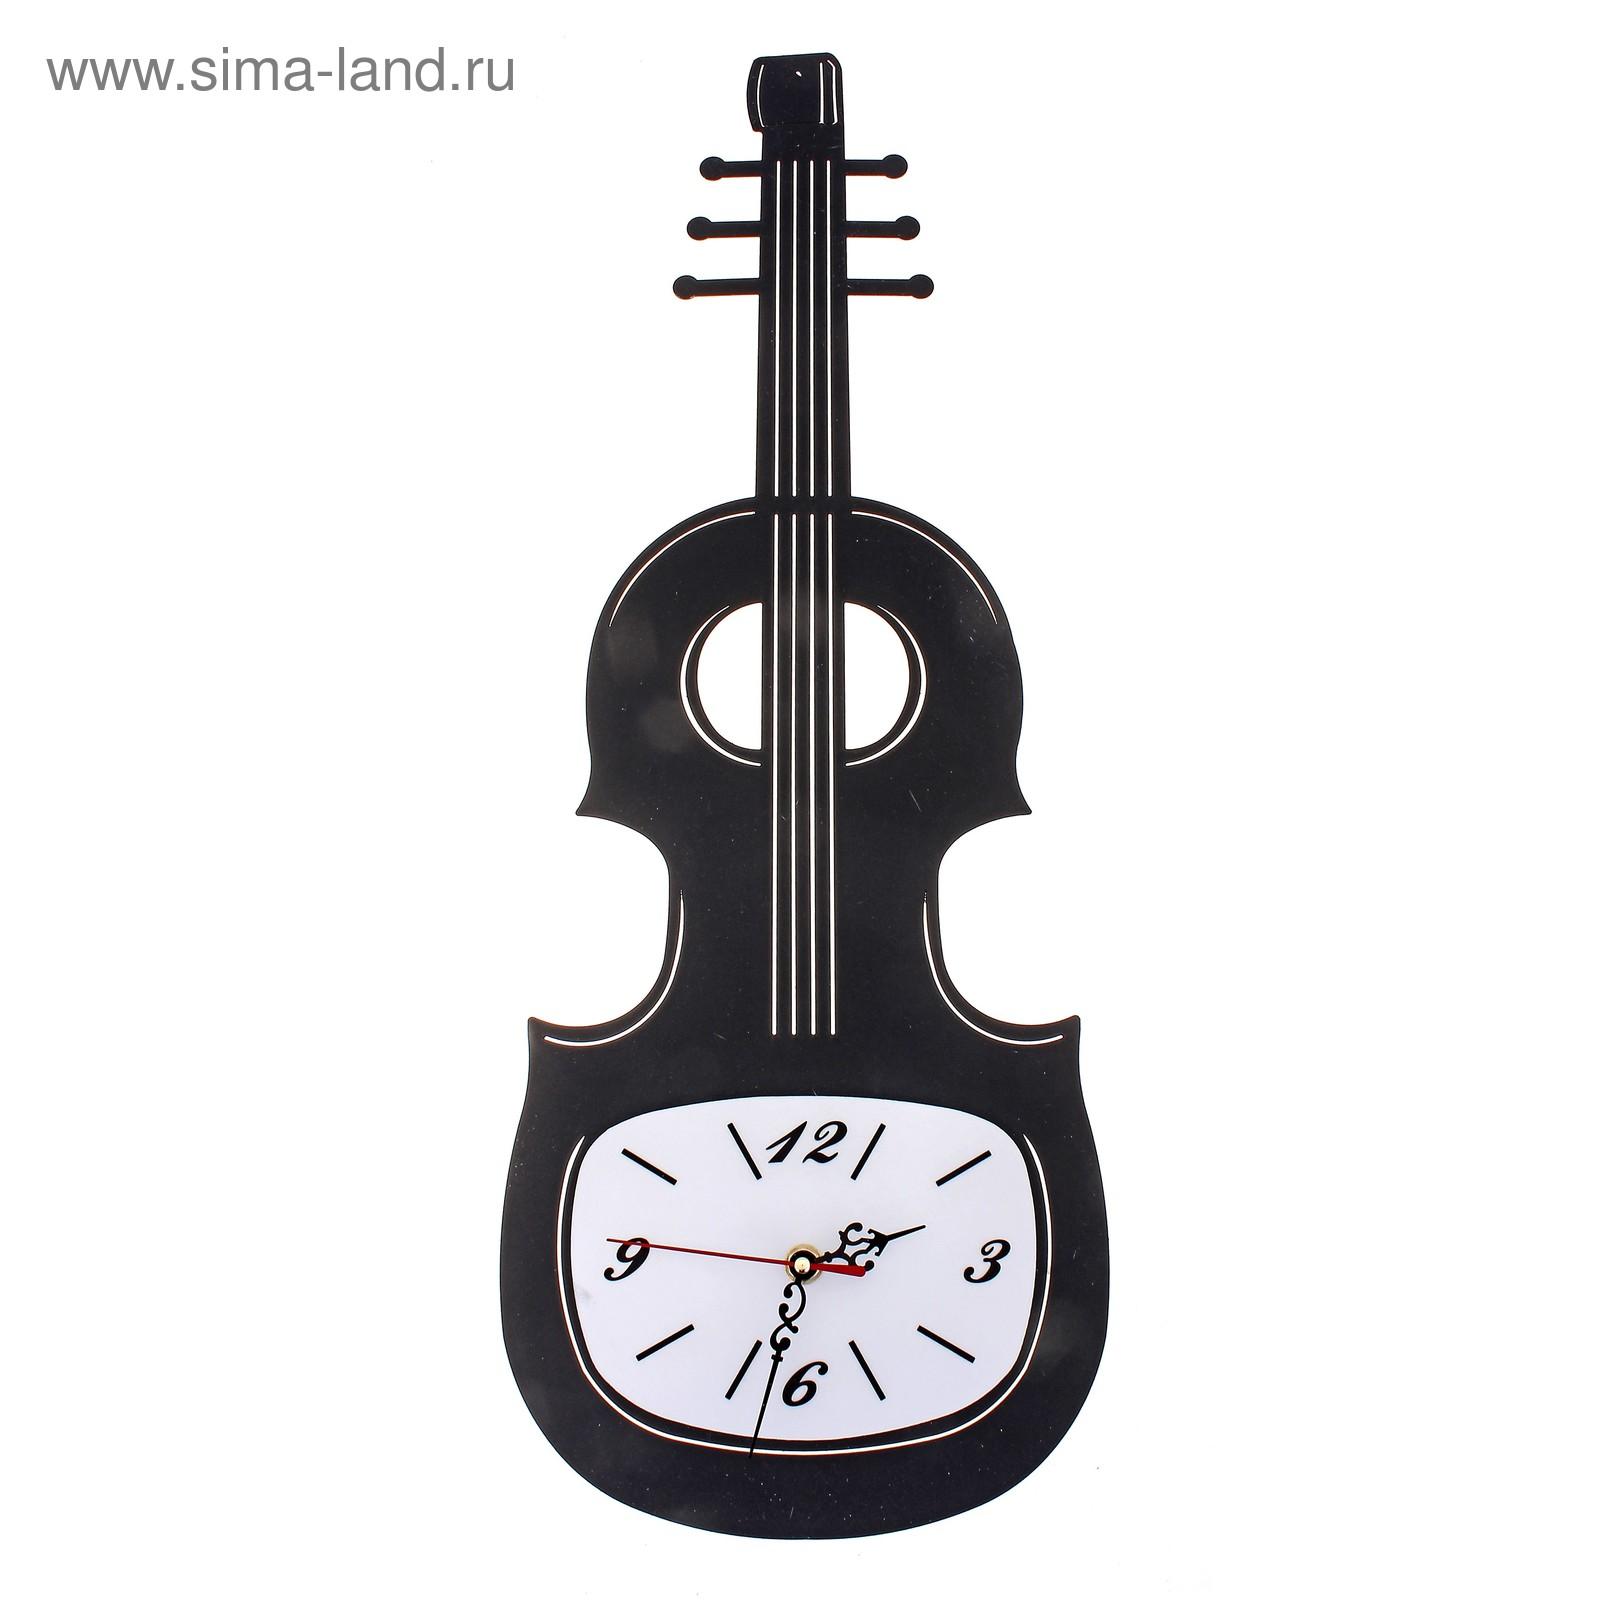 Часы в форме гитары купить механические часы наручные челябинск